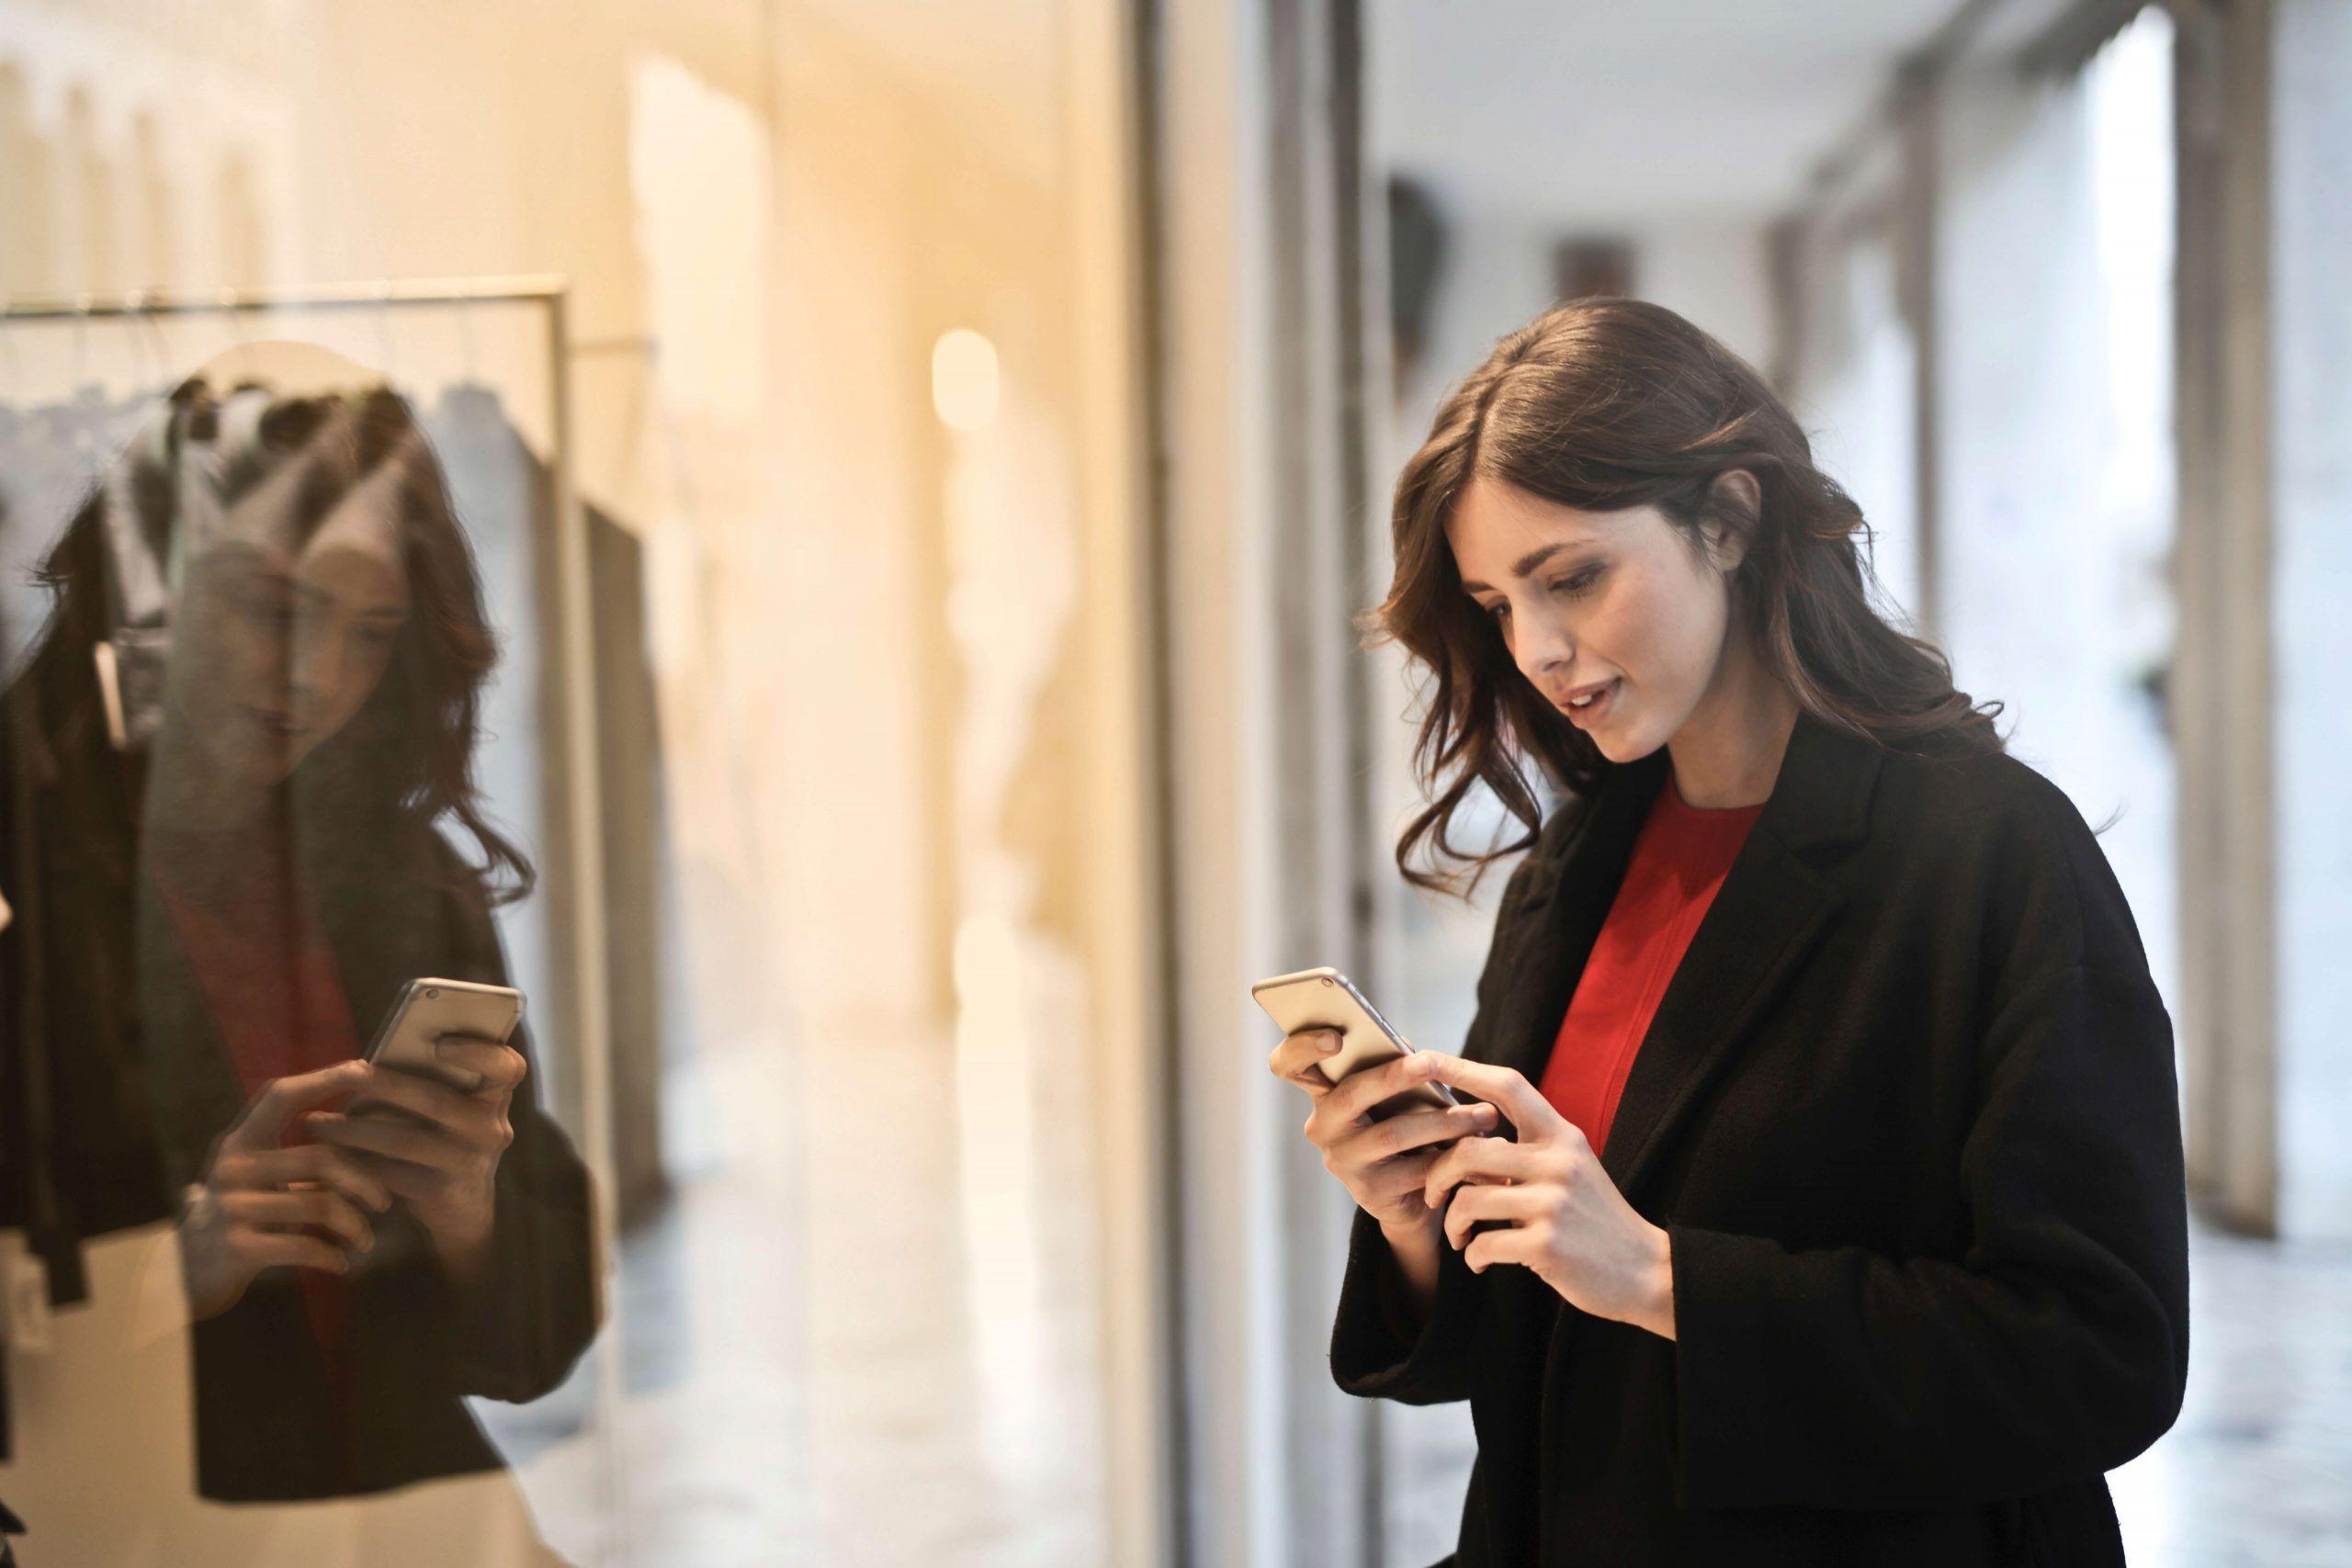 mujer mirando el movil entrando a una tienda abierta que no está en concurso de acreedores